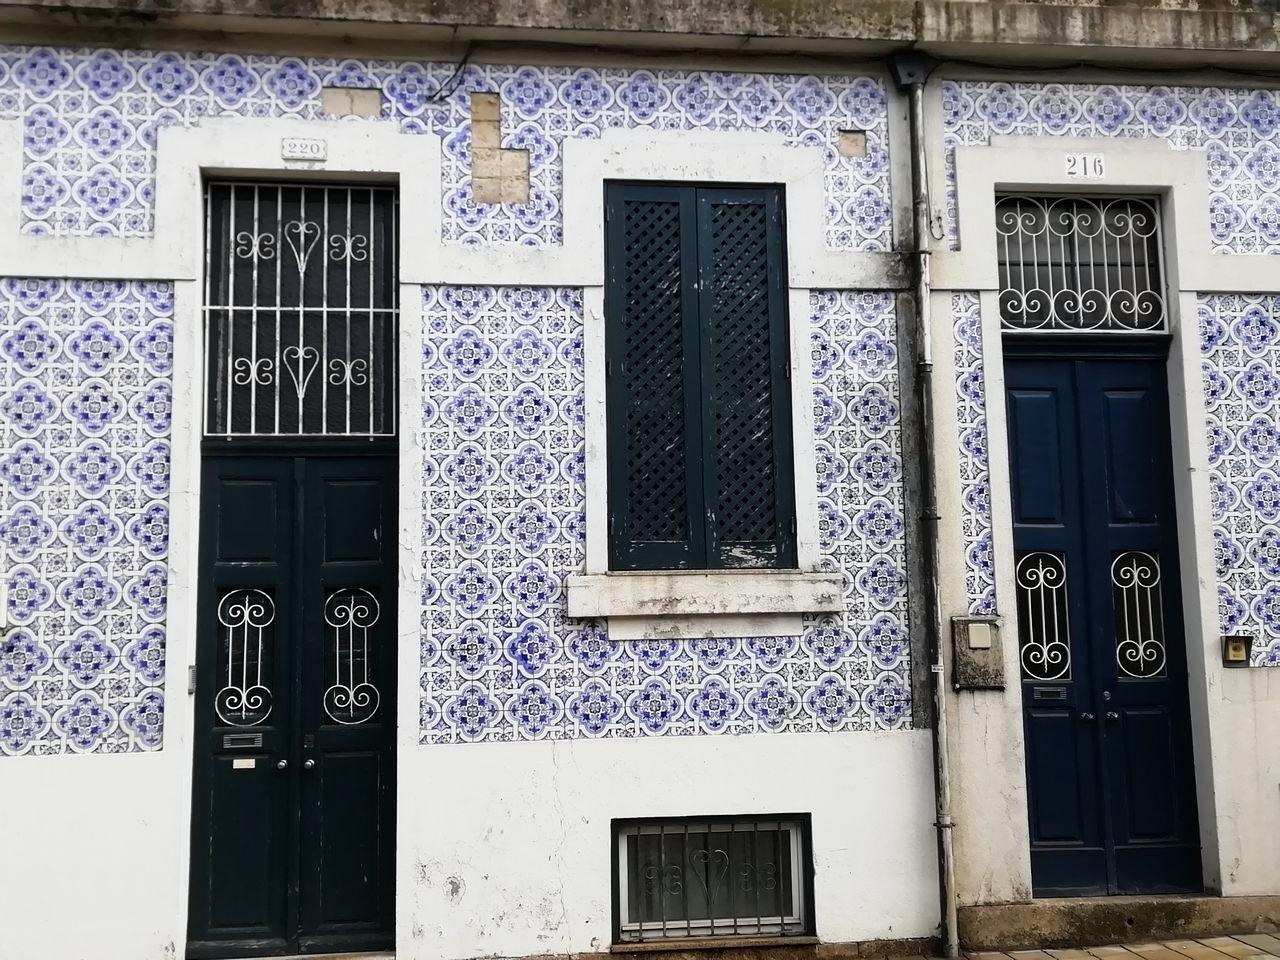 Cuánto me gustan las fachadas con los típicos azulejos portugueses en blanco y azul.